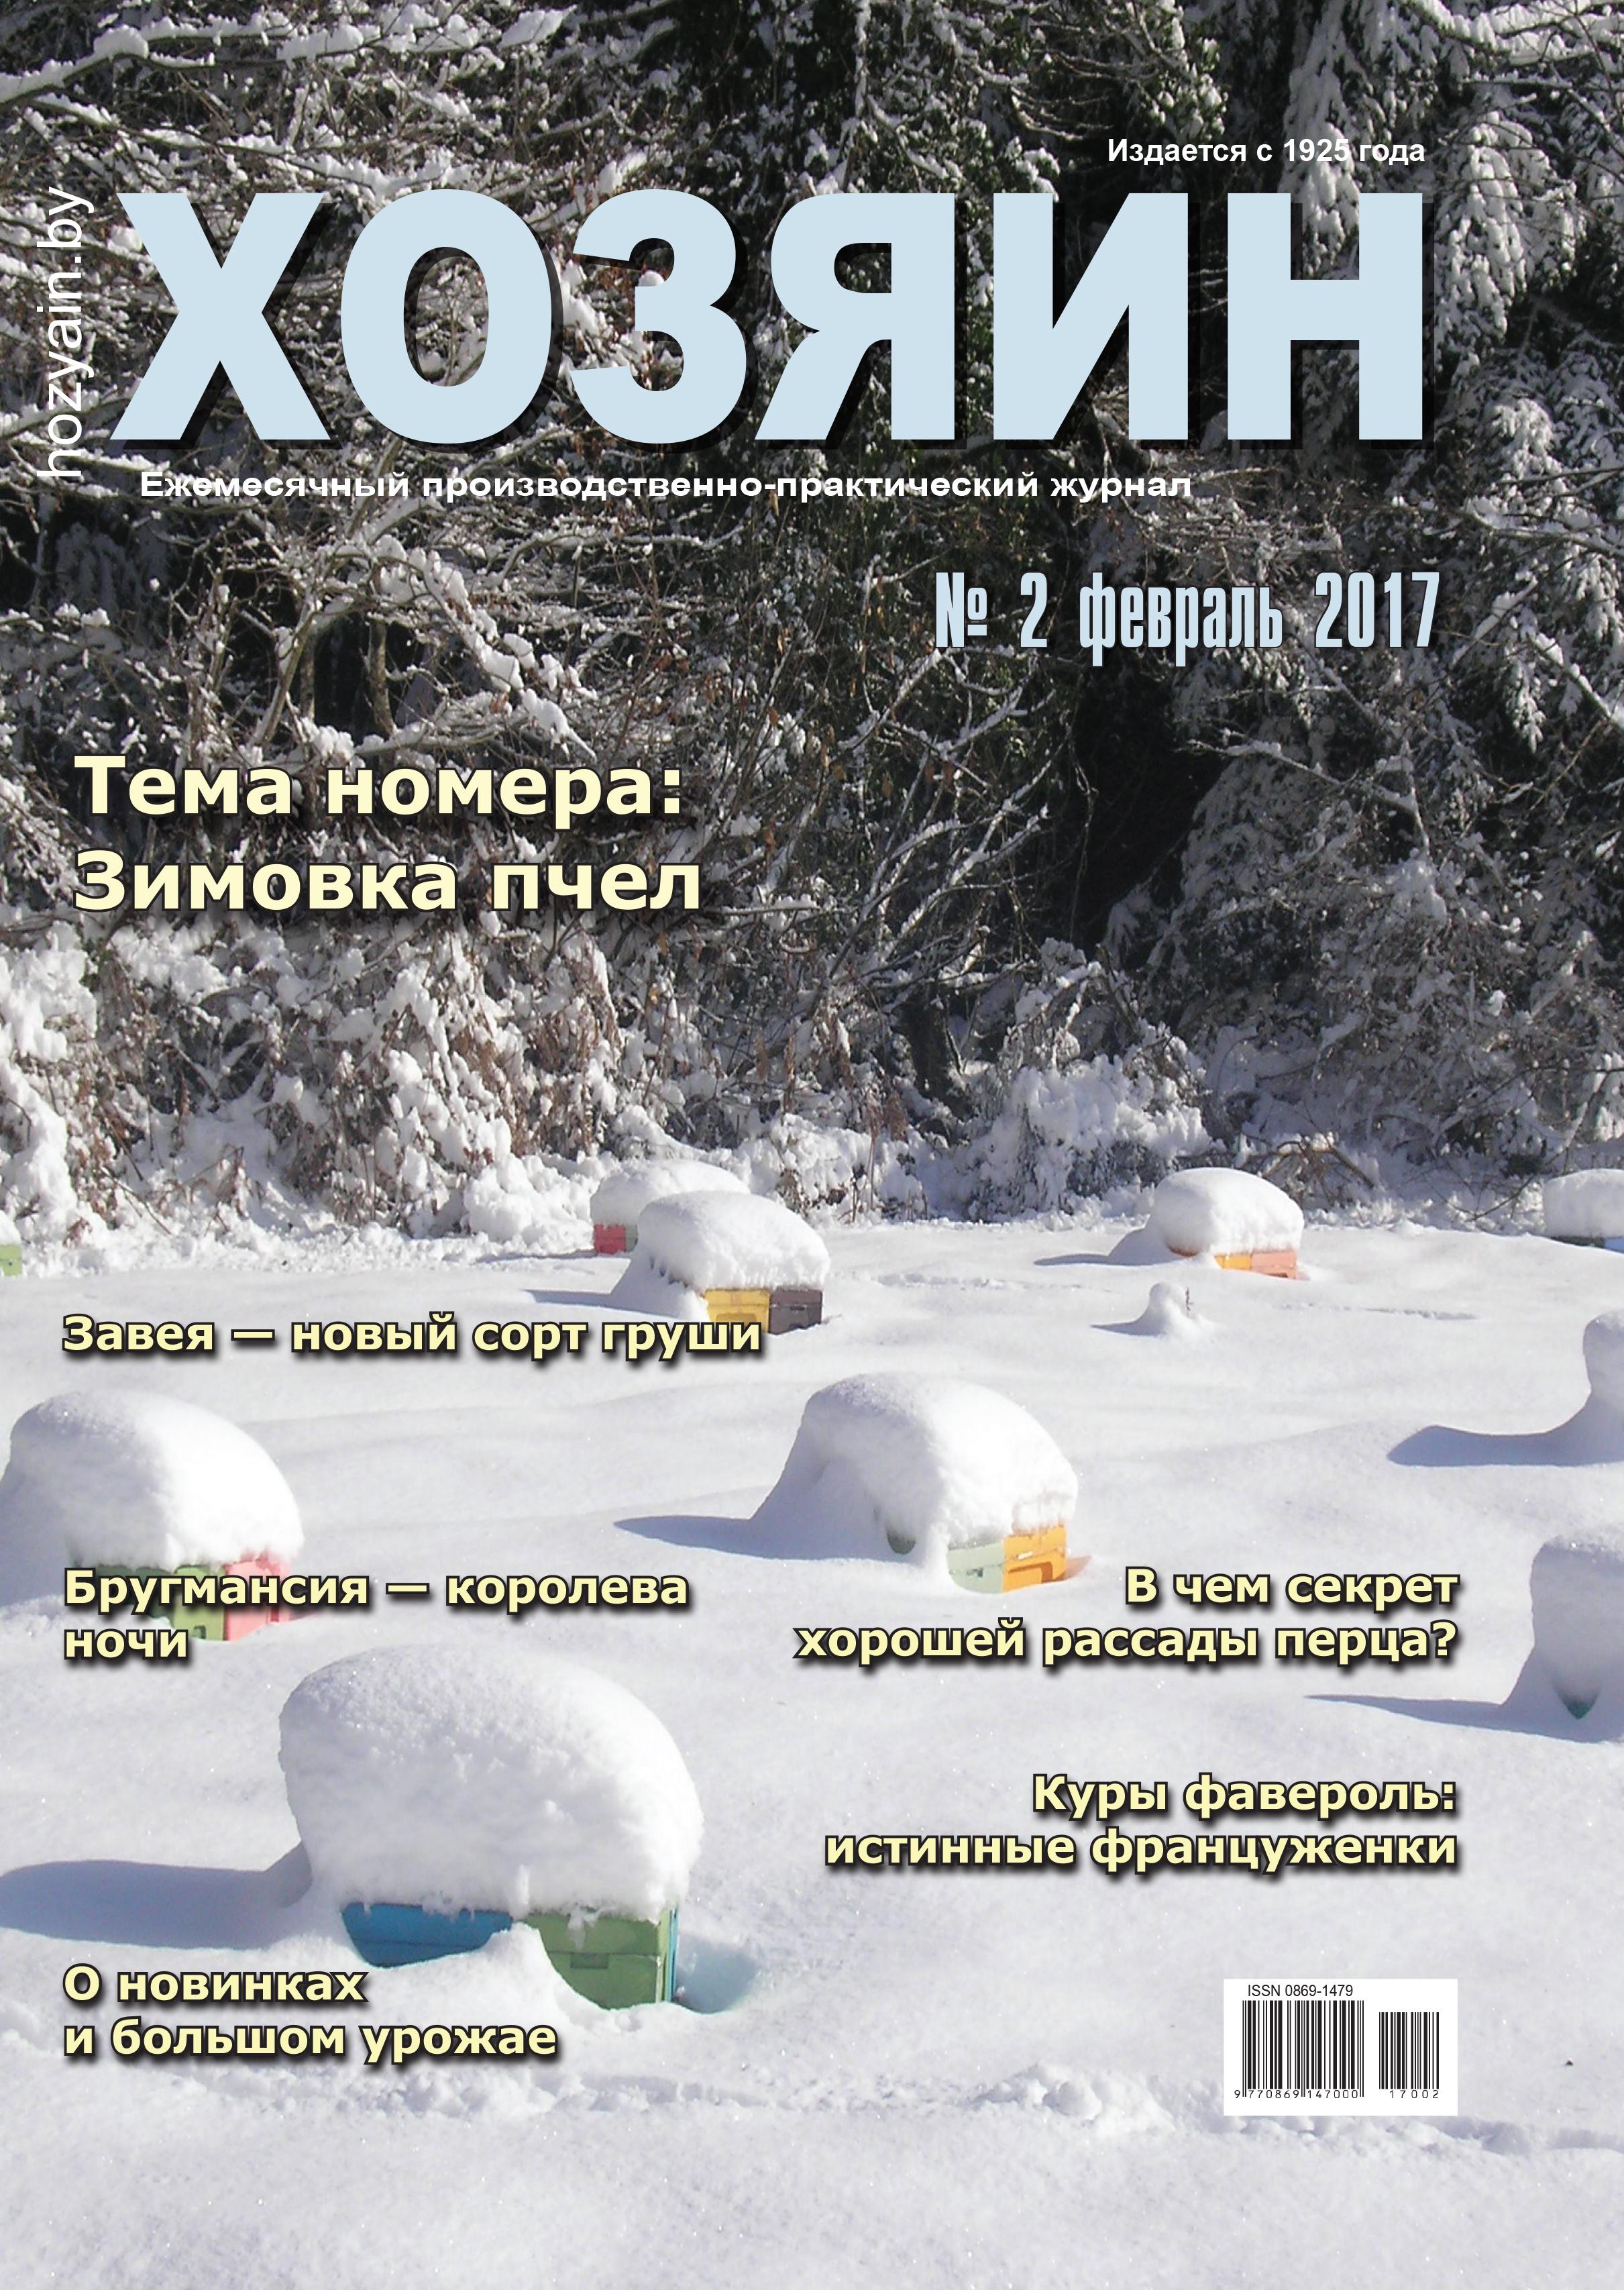 обложка за февраль